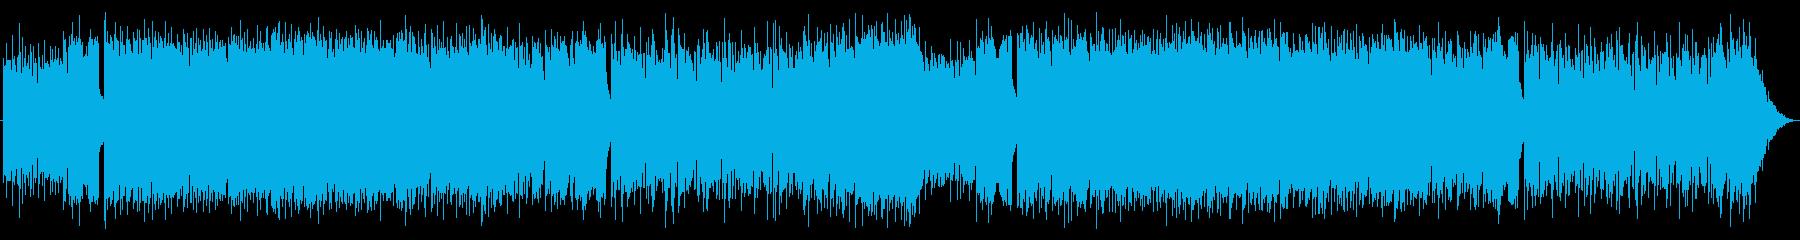 爽やかな90年代風BGMの再生済みの波形